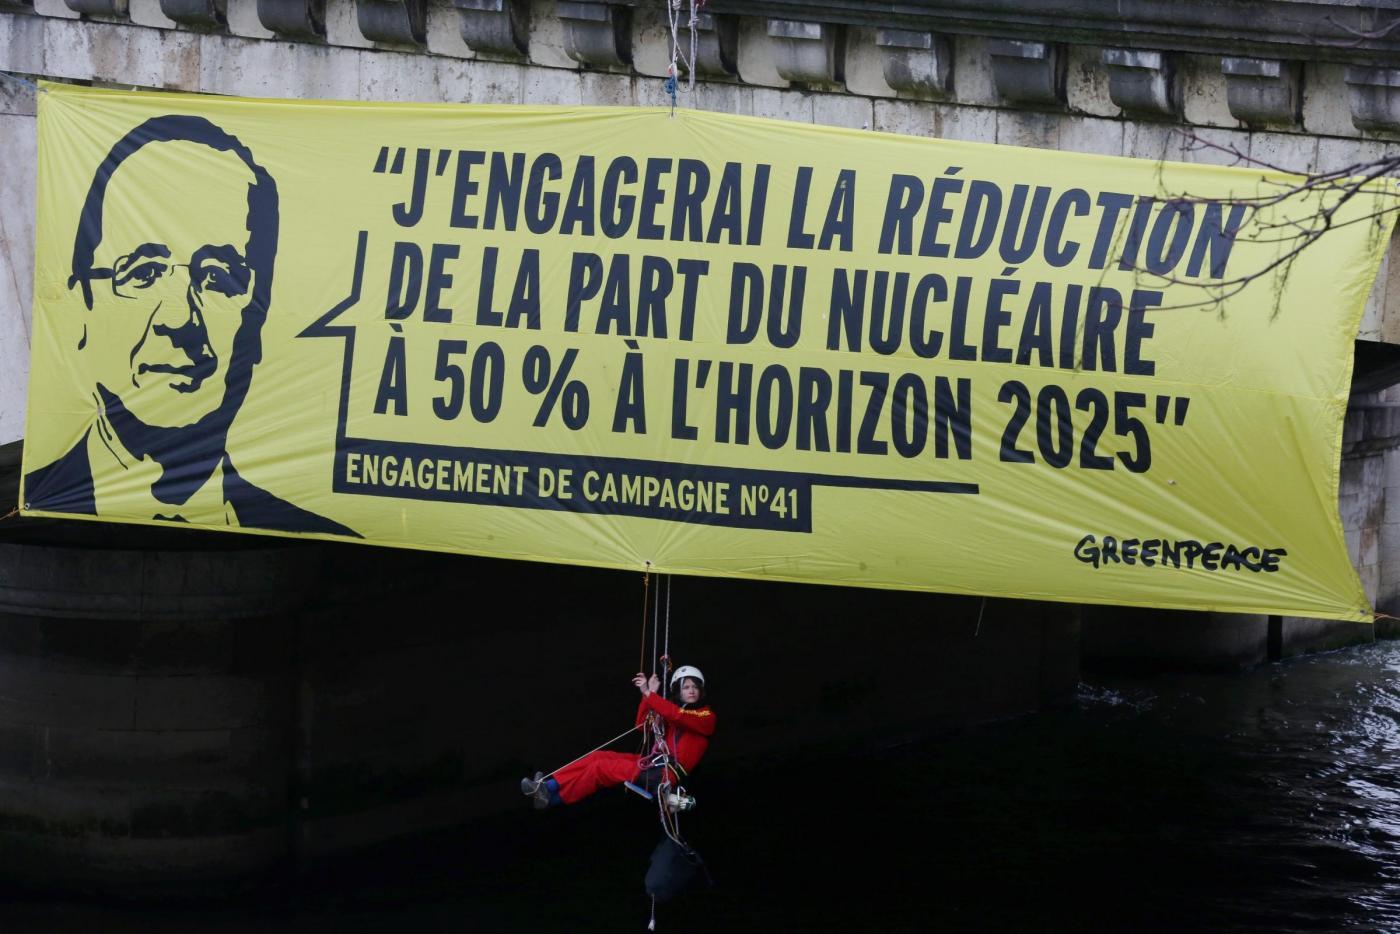 Attivisti Greenpeace appendono striscione contro Hollande sotto il ponte Concorde a Parigi.